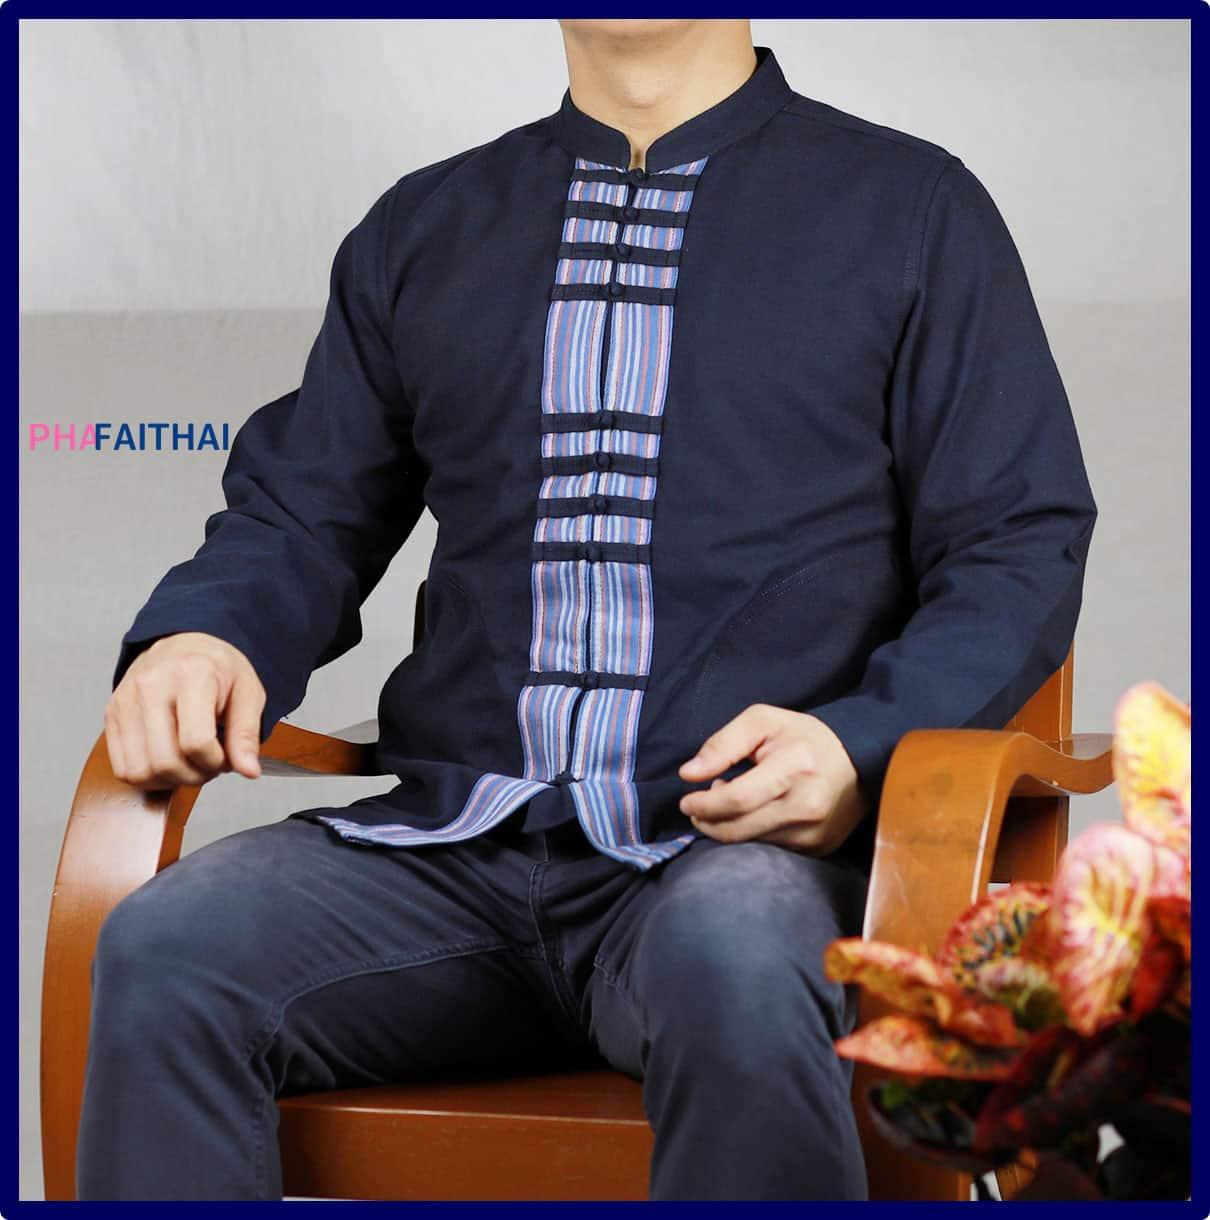 เสื้อผ้าฝ้ายผู้ชายเนื้อดี แขนยาว กระดุมจีน สีม่อฮ่อม